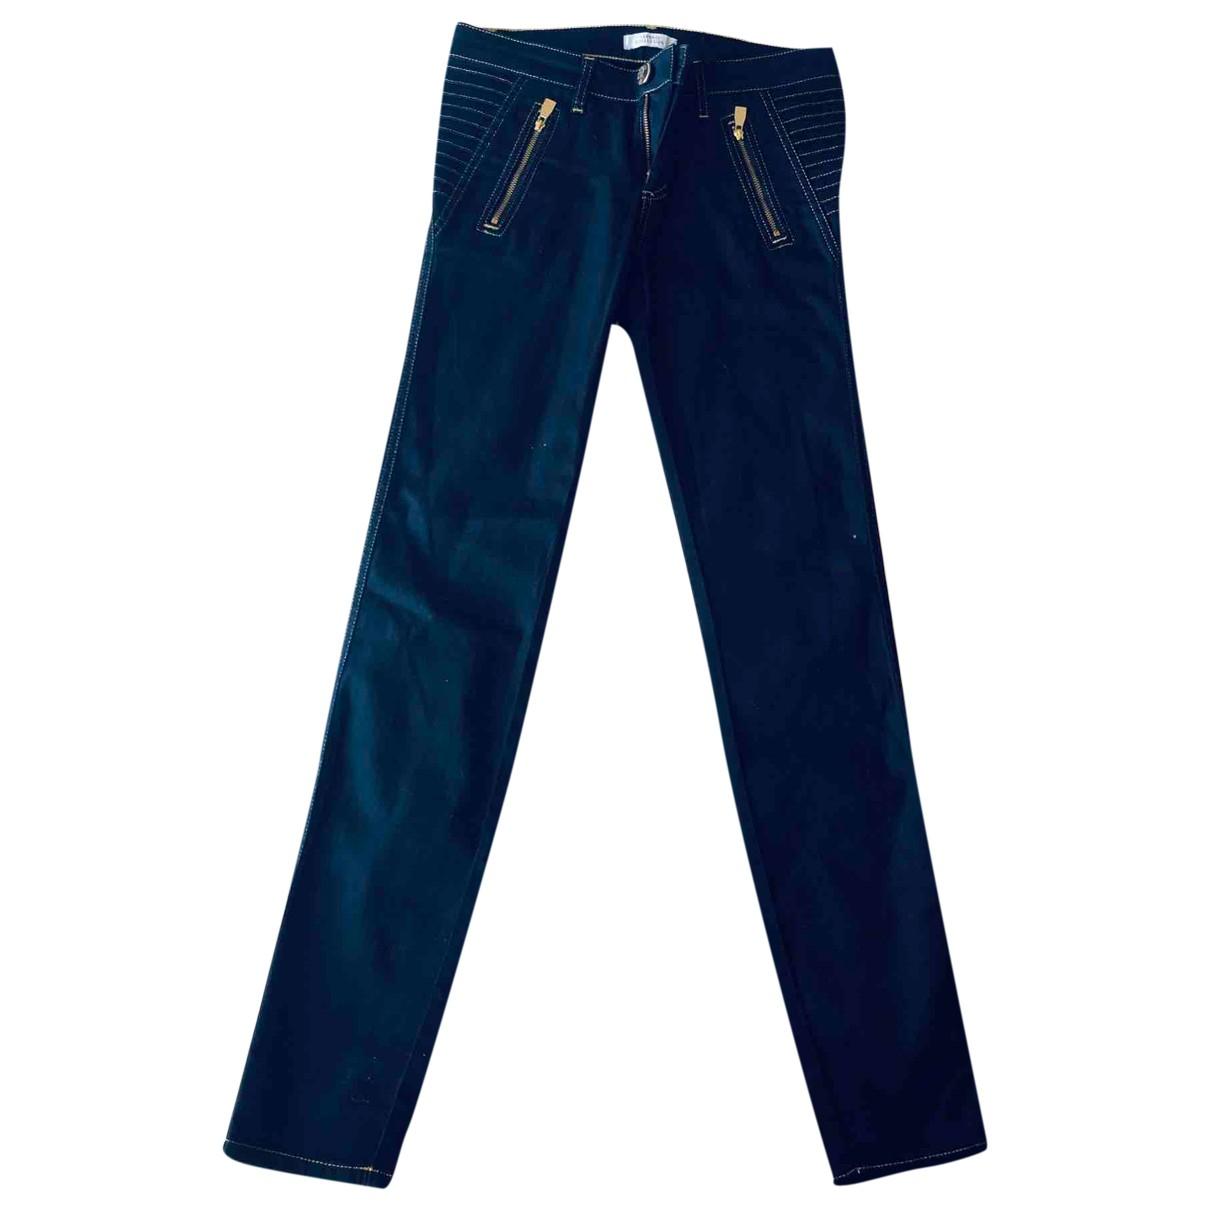 Versace \N Jeans in  Blau Denim - Jeans